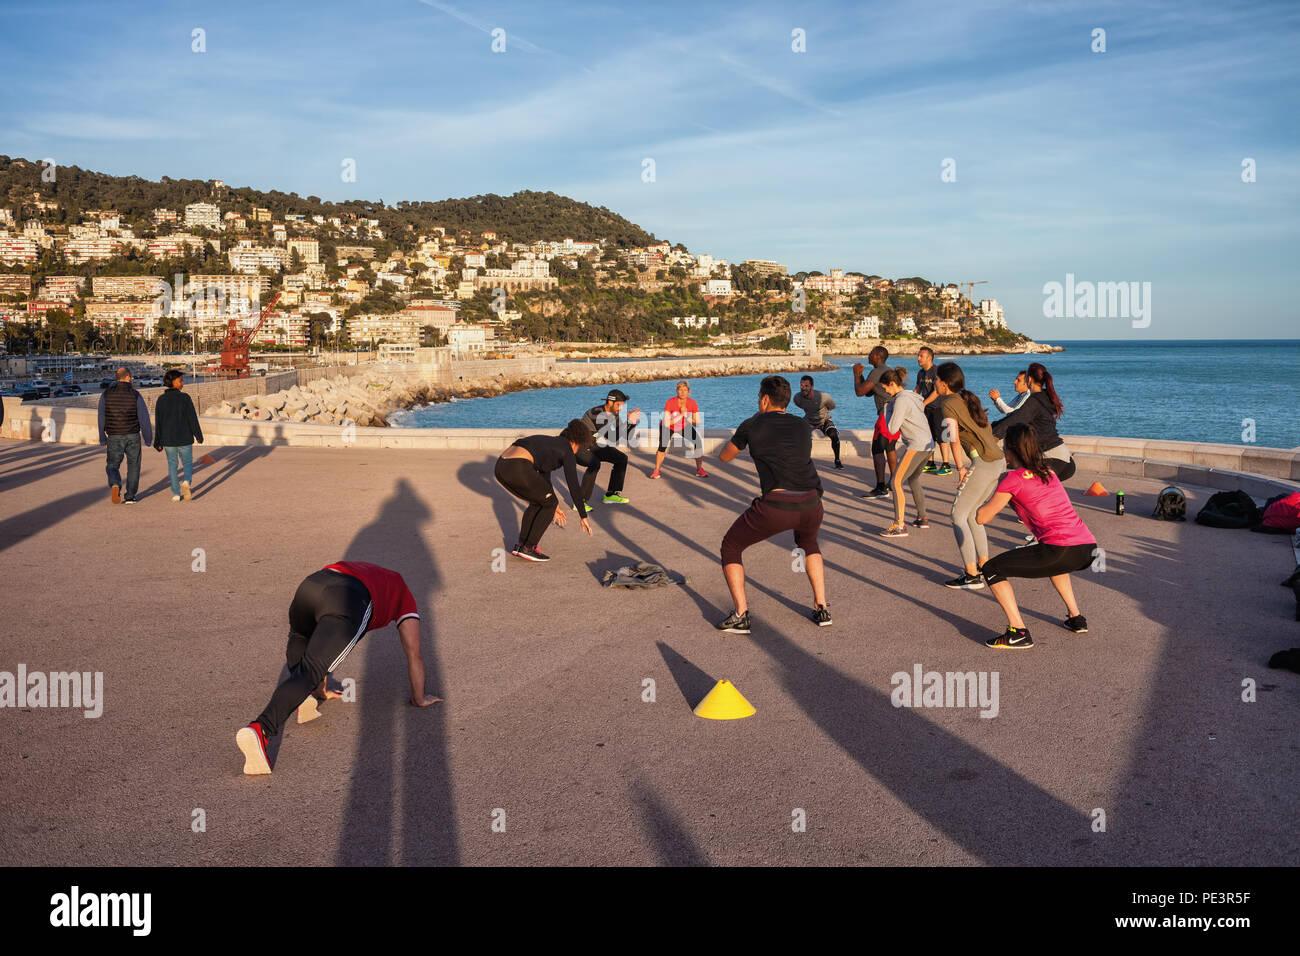 Persone in outdoor classe aerobica formazione sul lungomare della città di Nizza sulla Costa Azzurra in Francia Immagini Stock